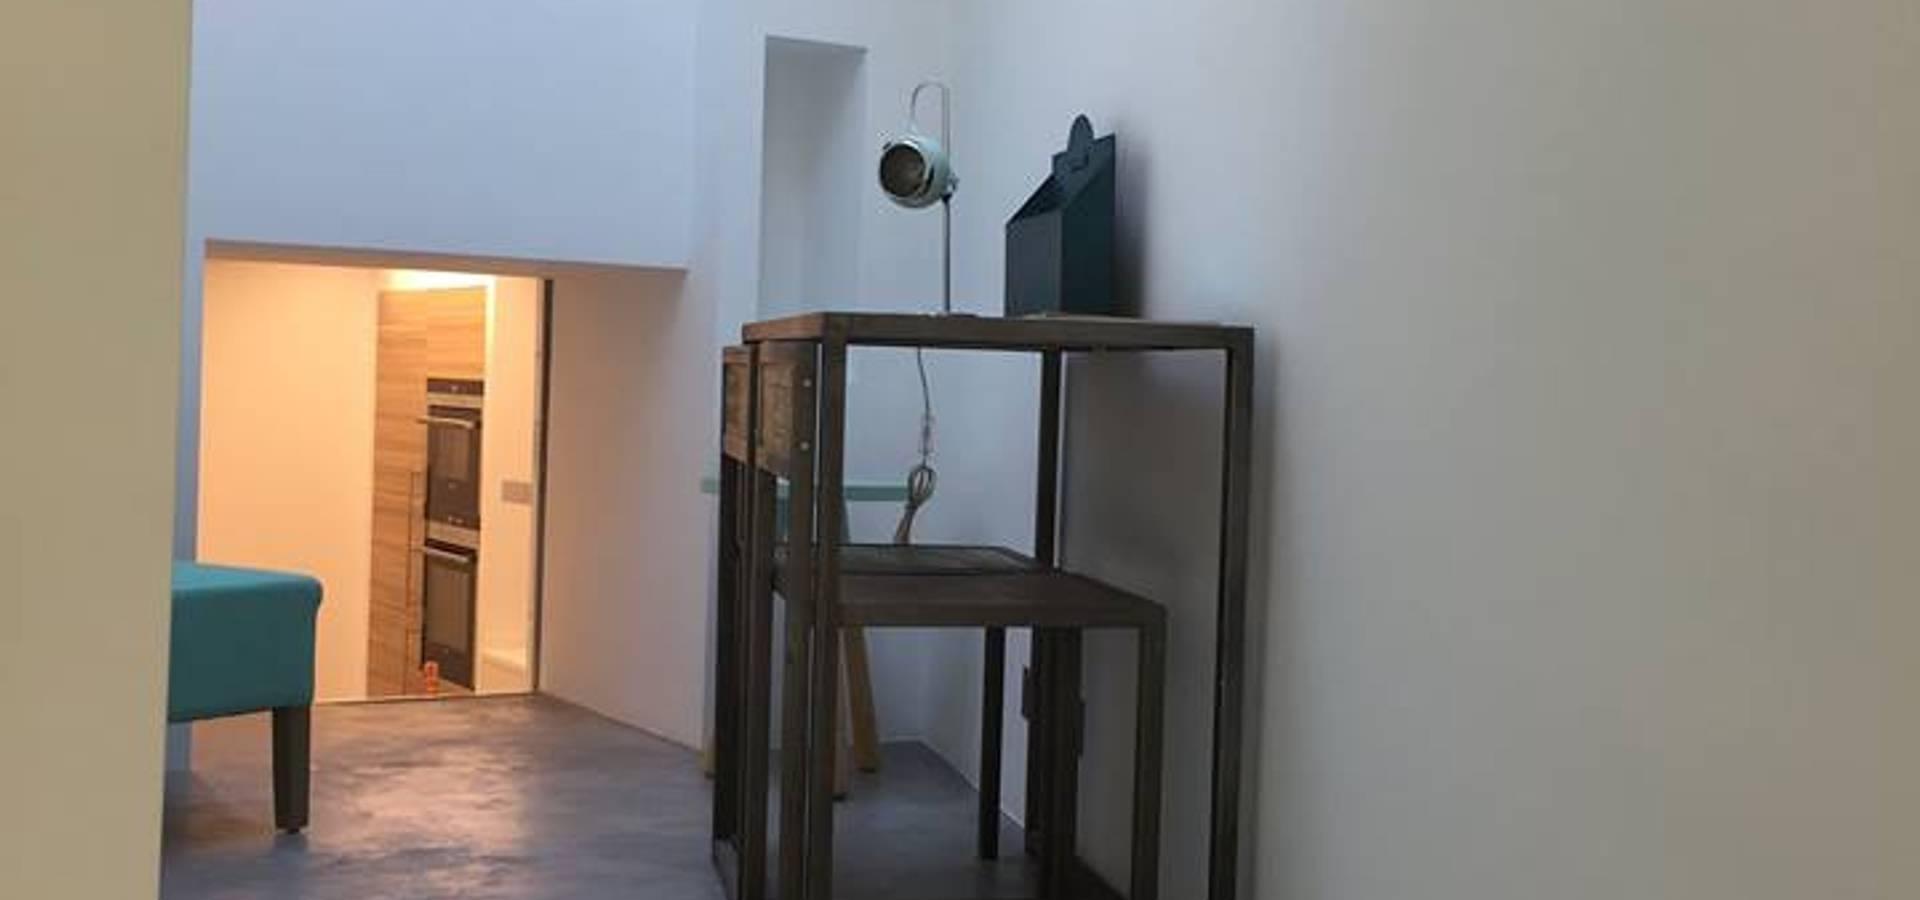 Architecte D Intérieur Cannes csc architecture: architectes d'intérieur à cannes sur homify